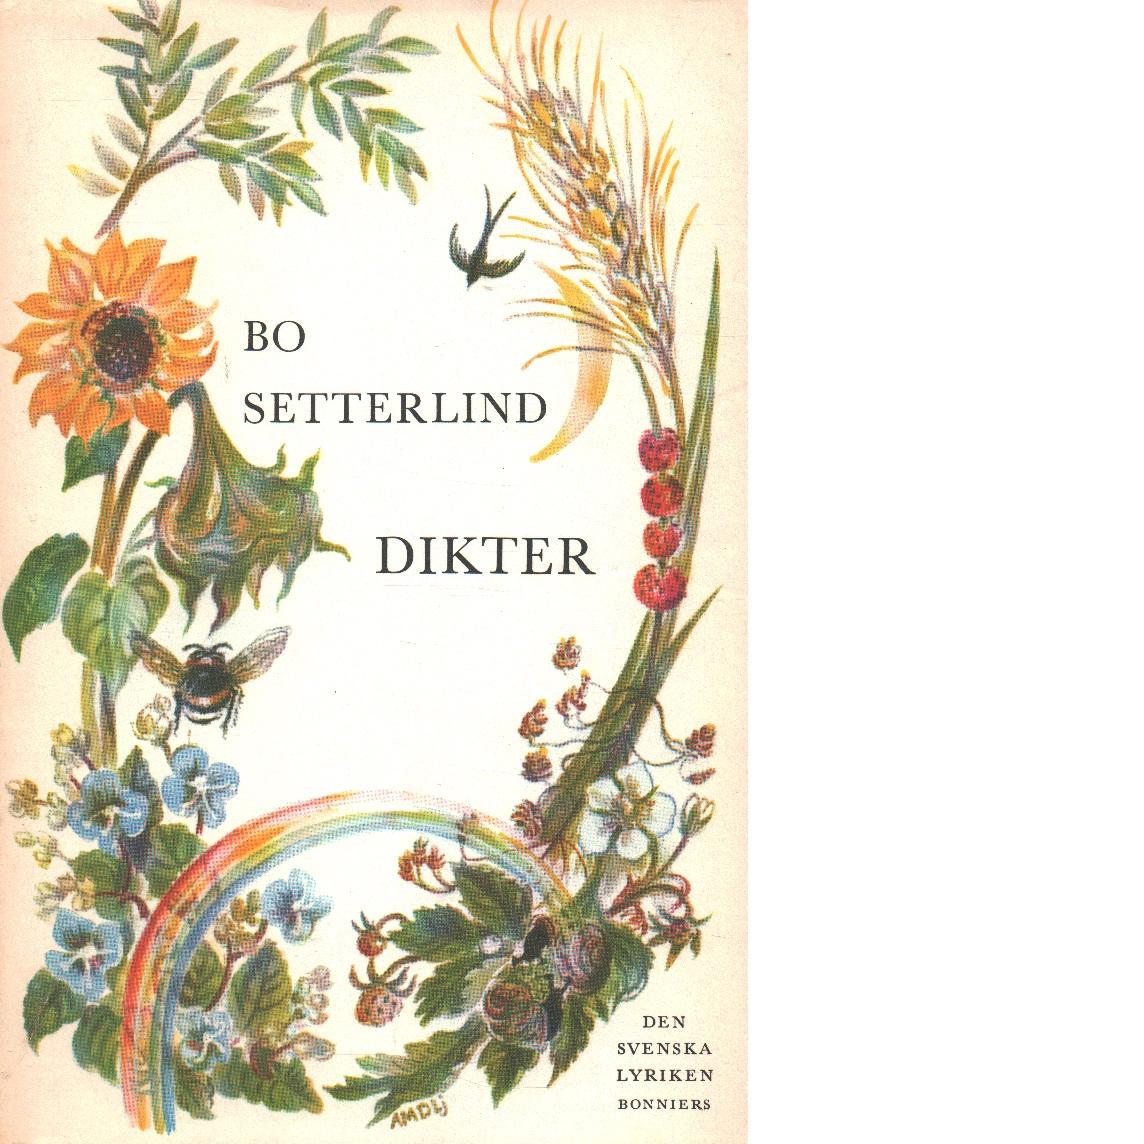 Dikter - Setterlind, Bo